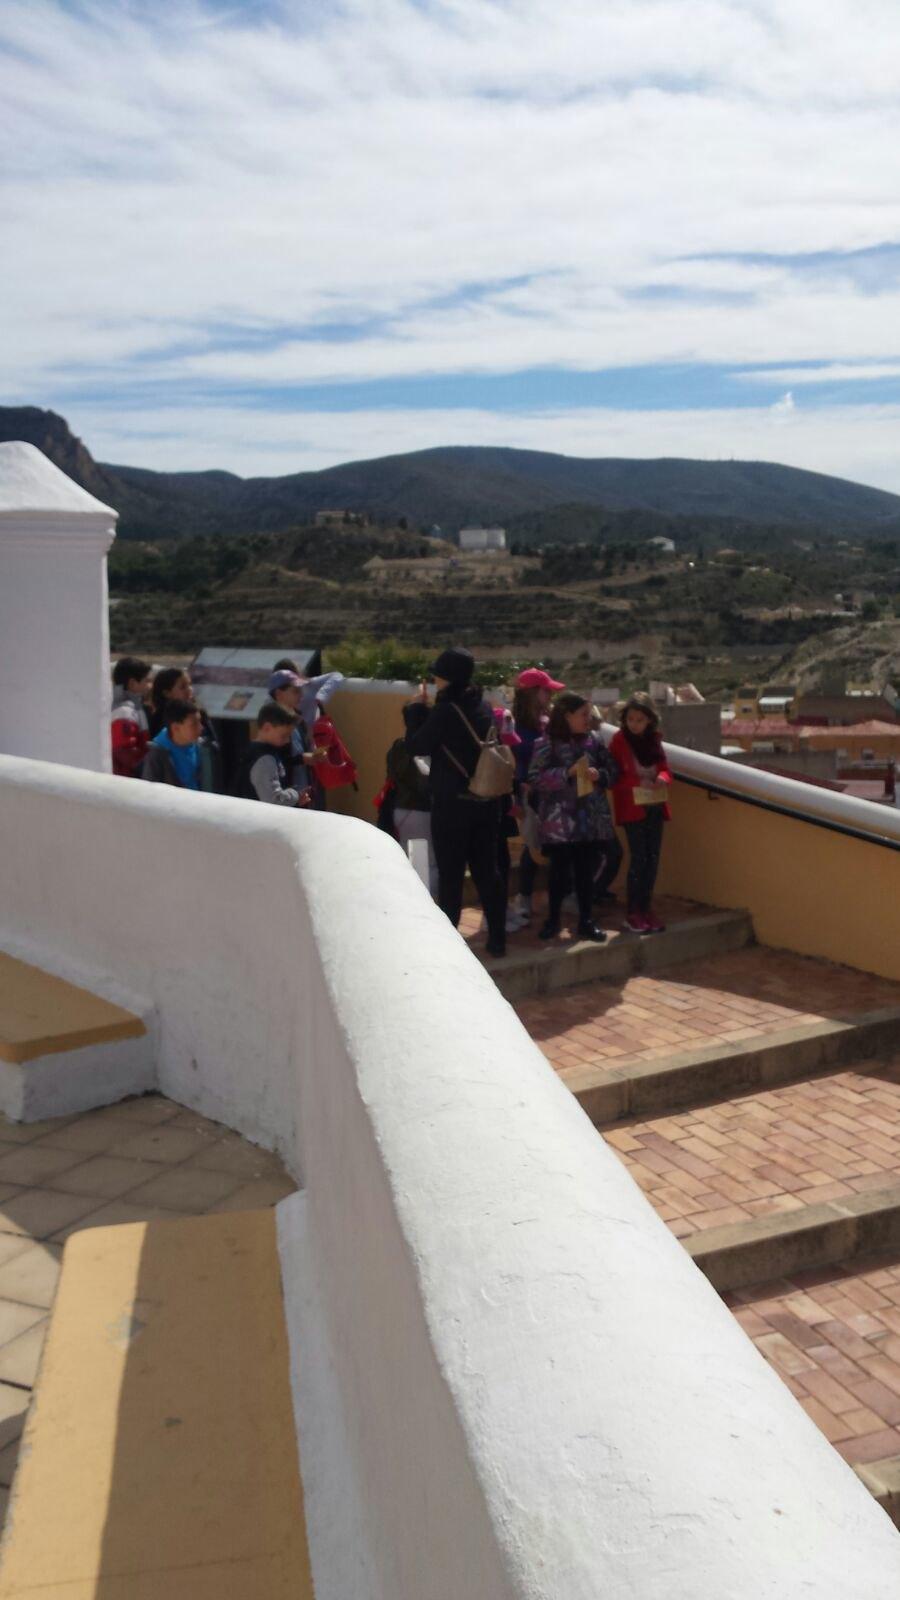 (2018-03-16) - Visita ermita alumnos Laura,3ºB, profesora religión Reina Sofia - Marzo -  María Isabel Berenguer Brotons (03)